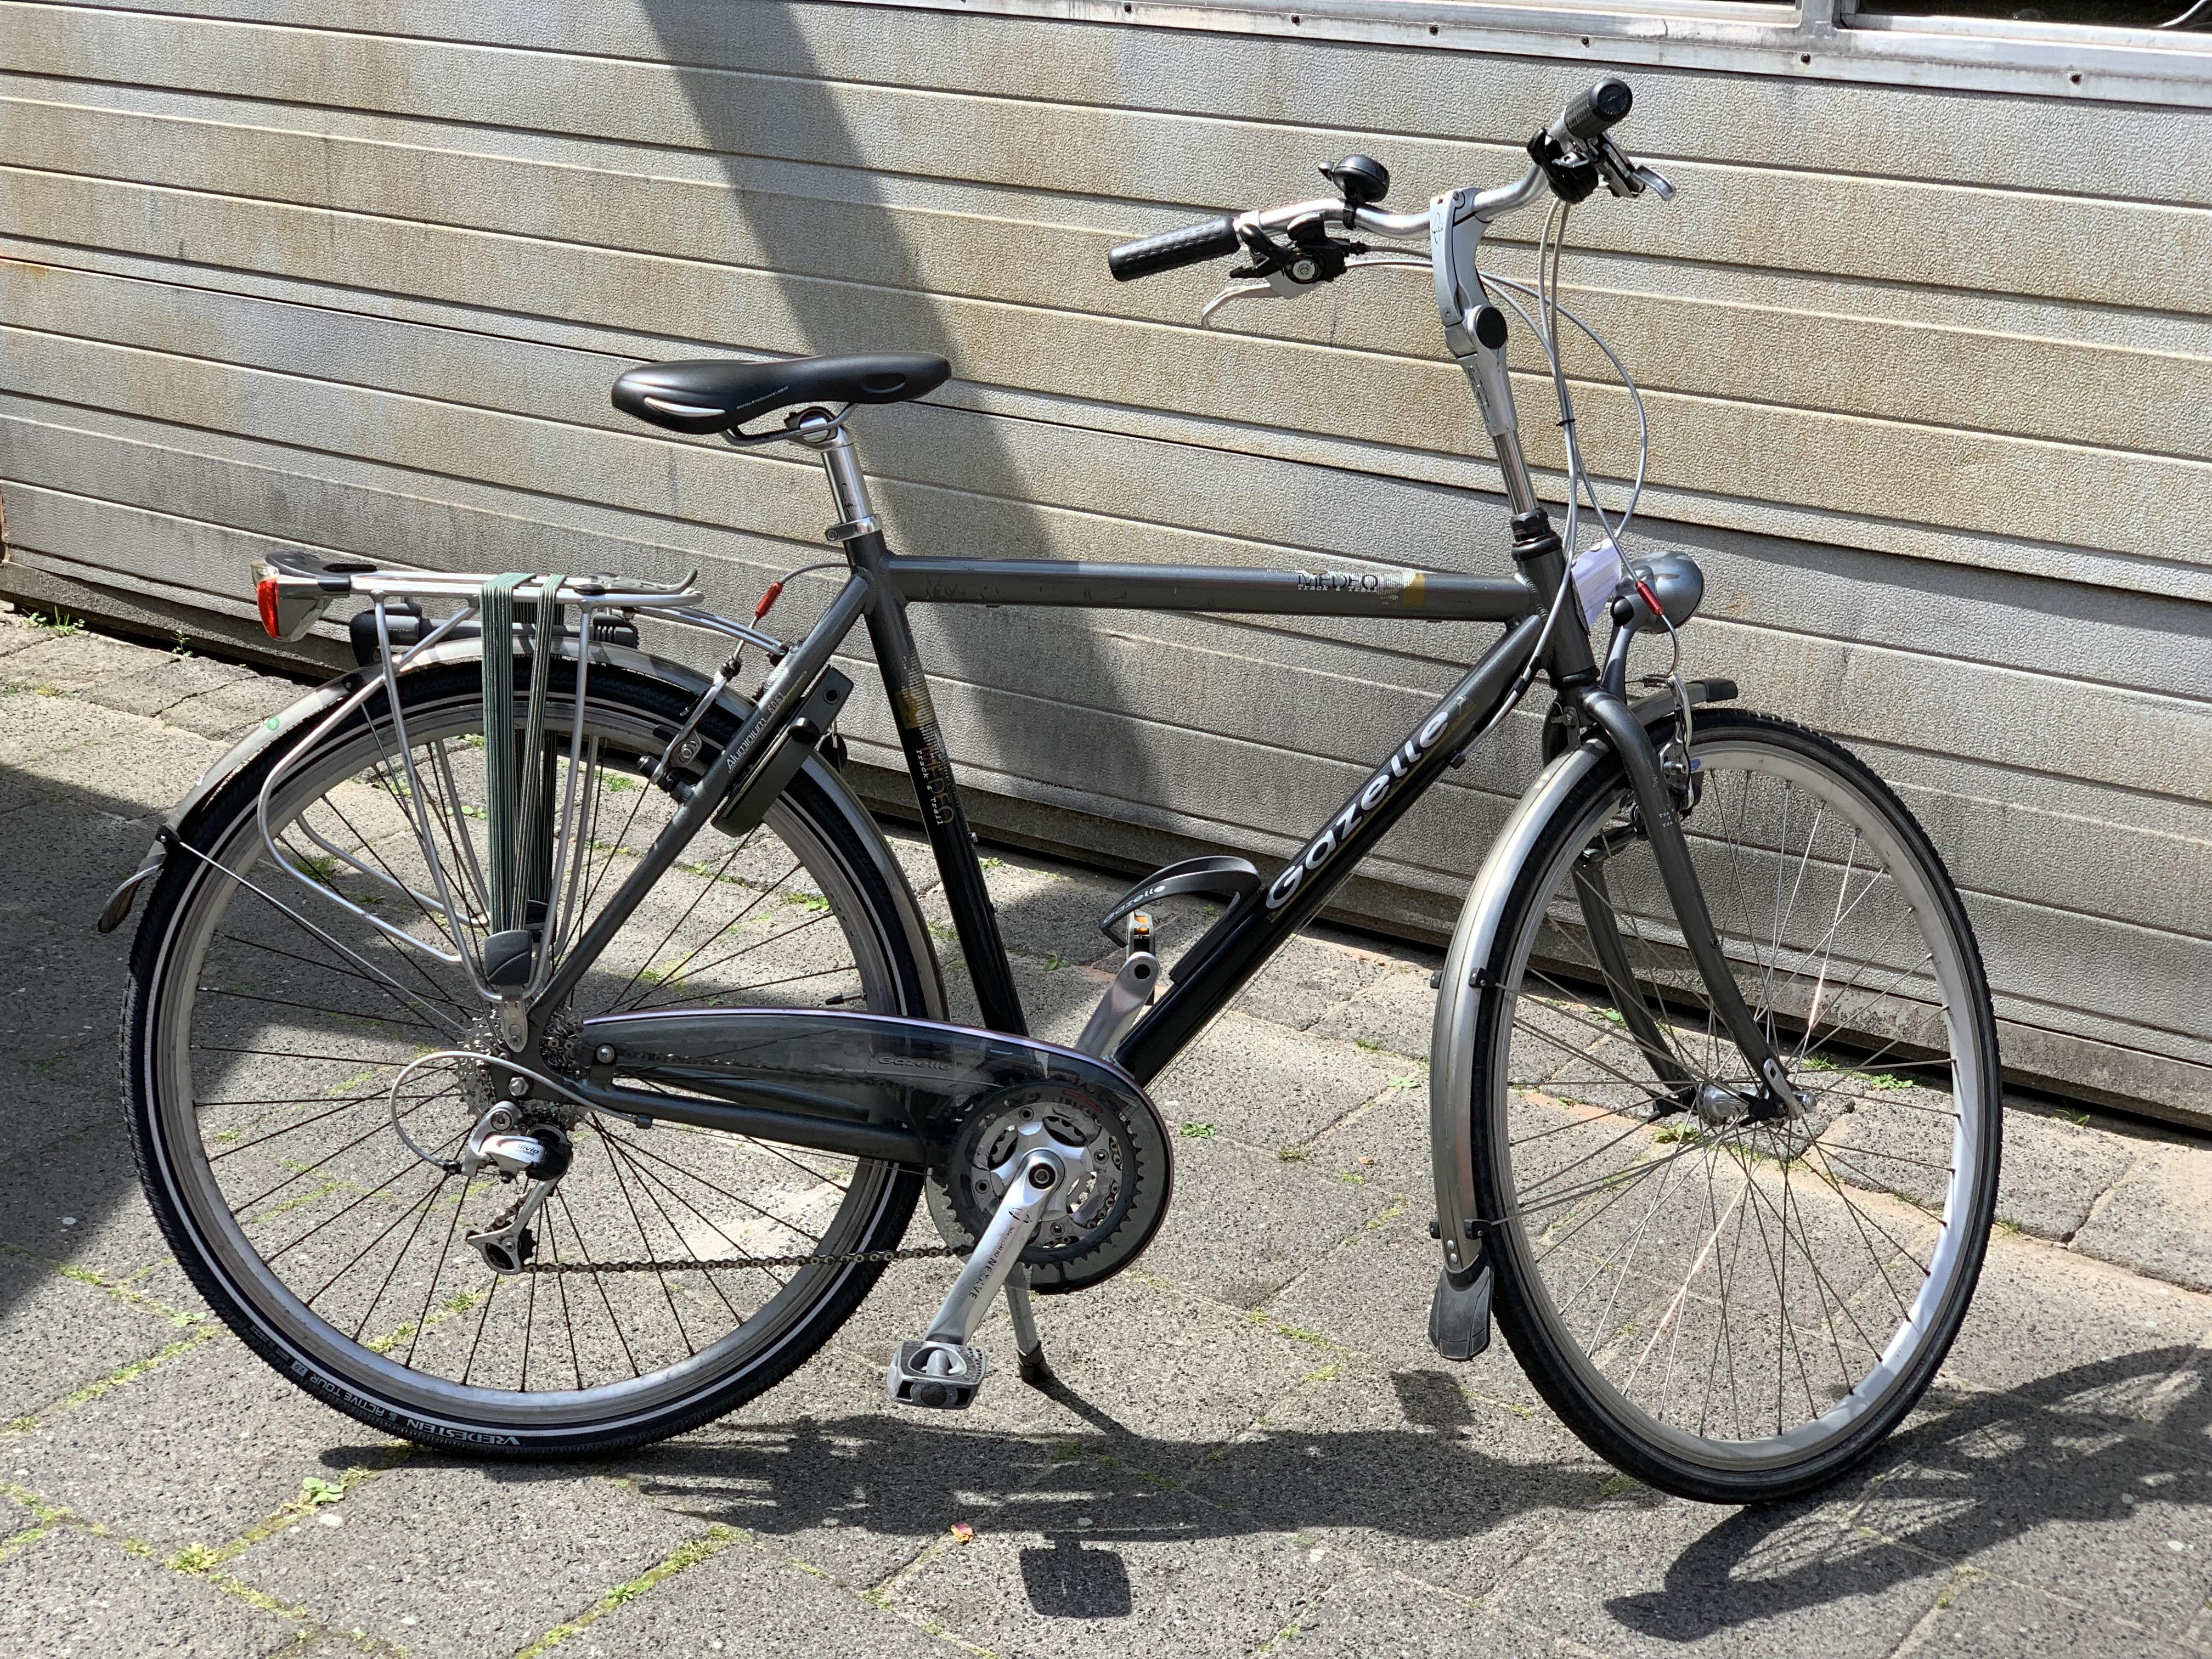 Gazelle Medeo H54 €250